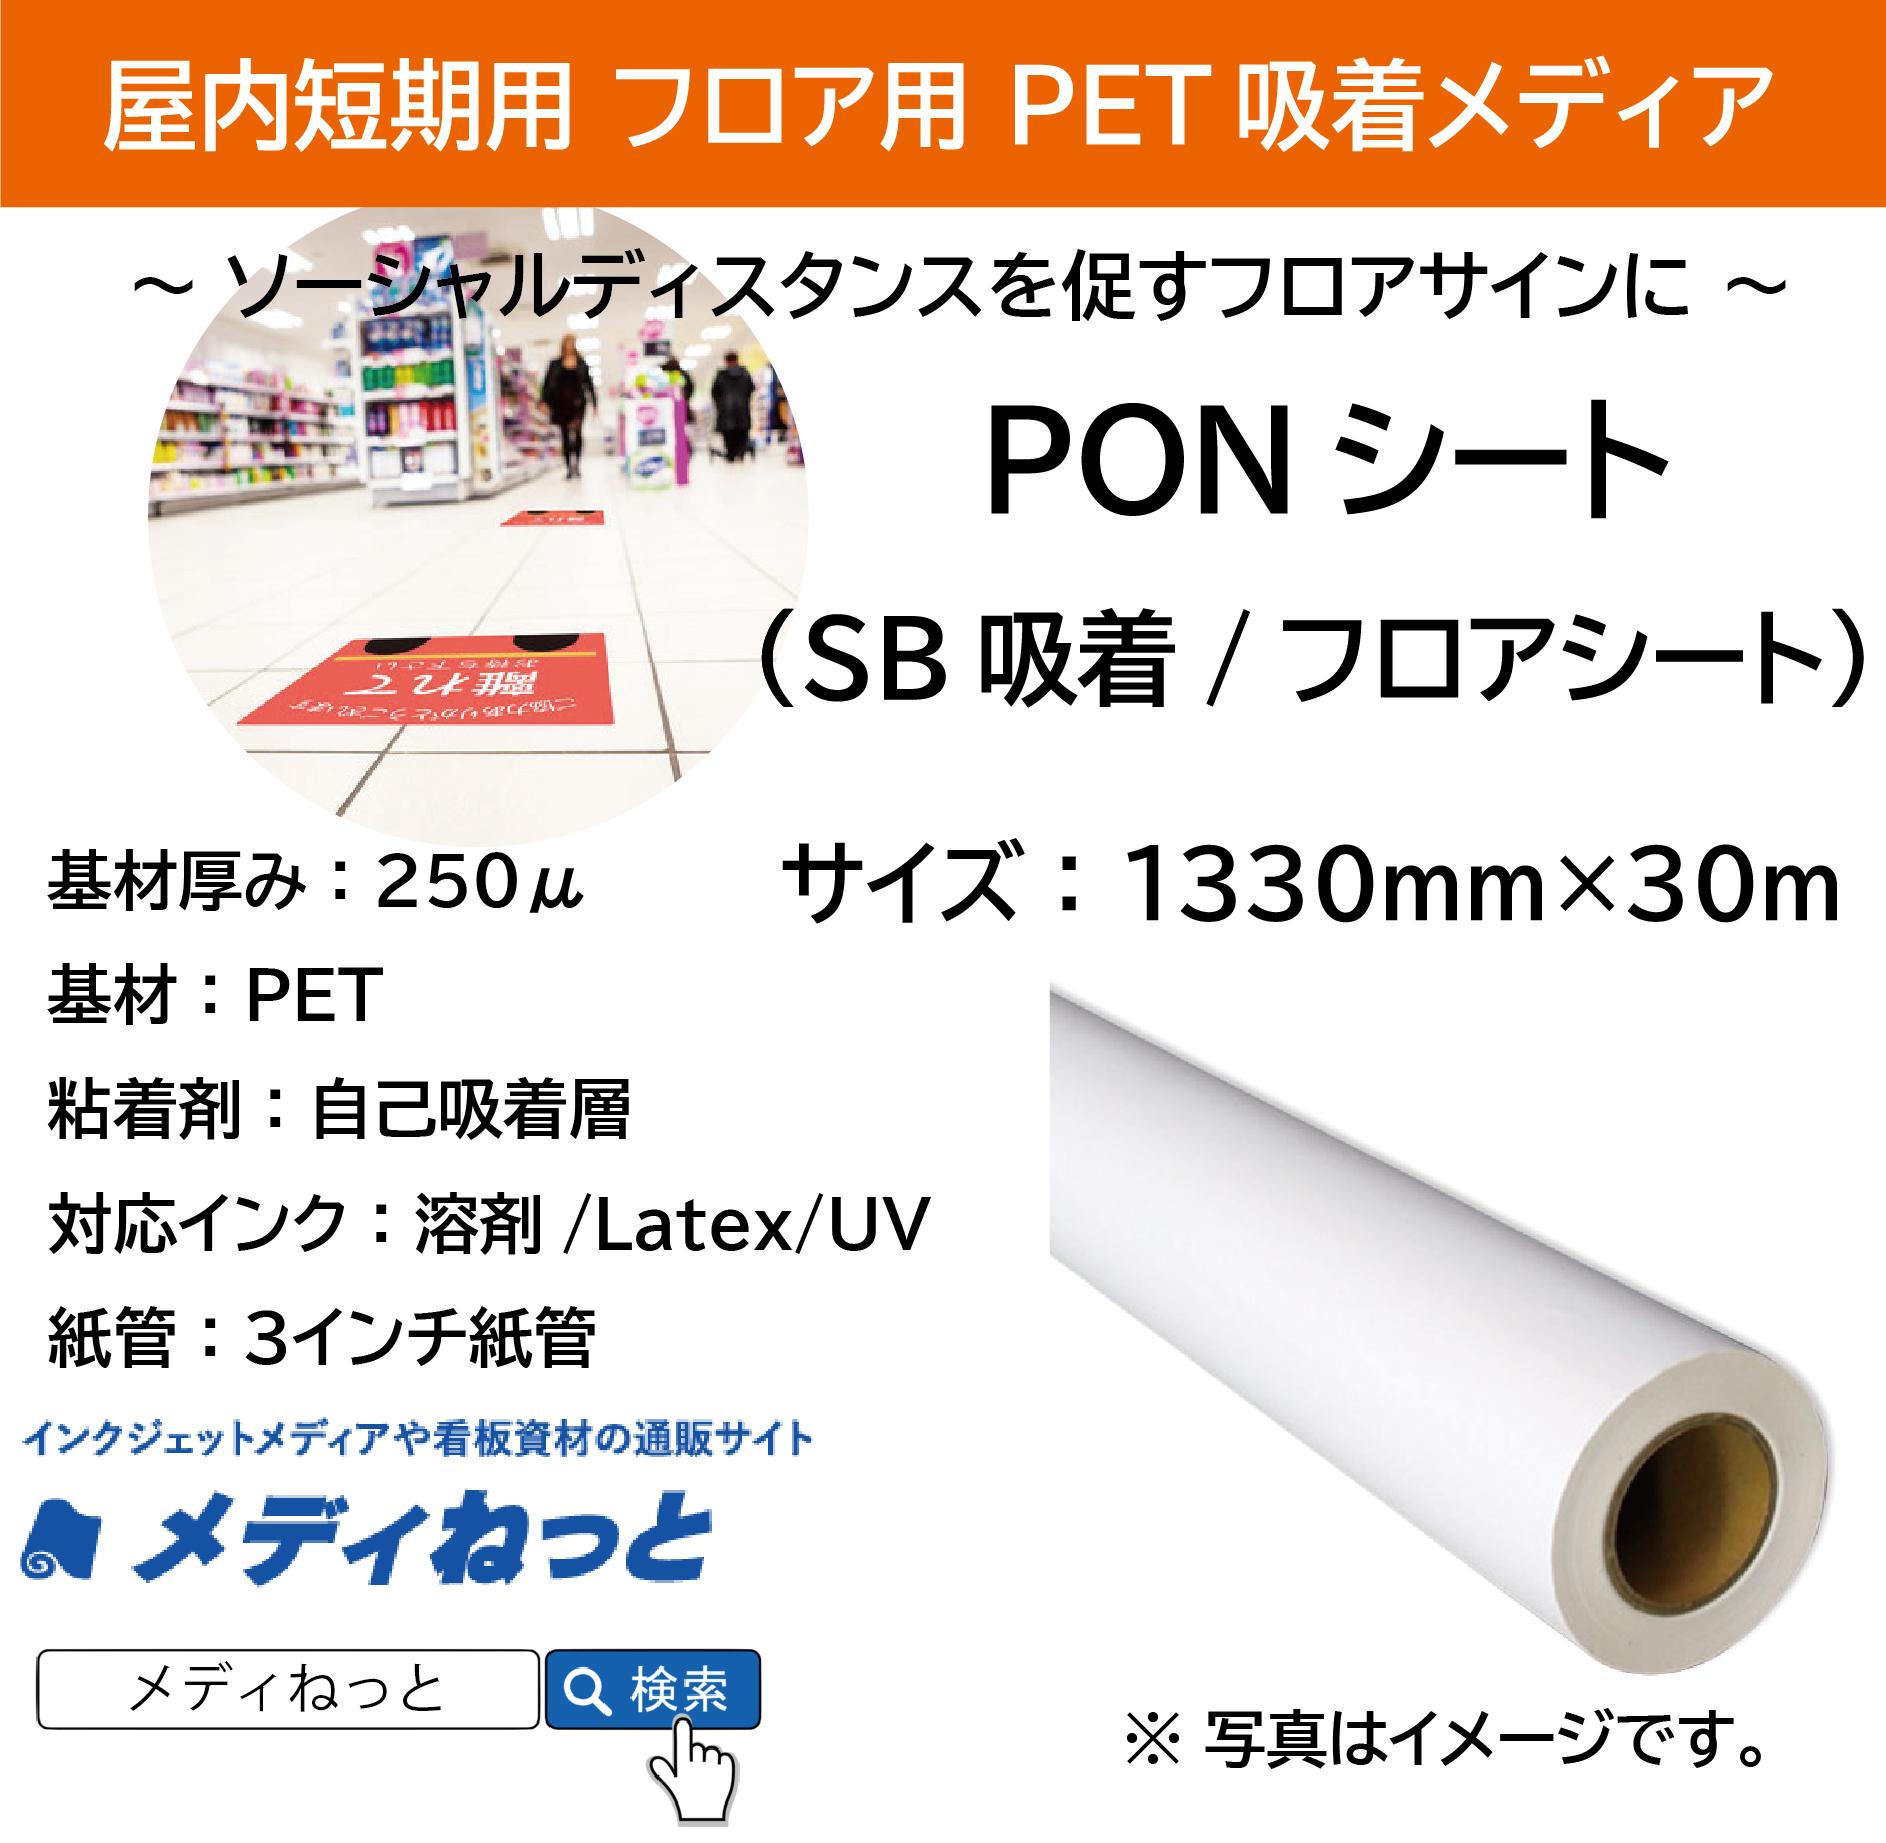 【ラテックス、UVプリントにも!】PONシート(SB吸着/フロアシート) 1330mm×30m